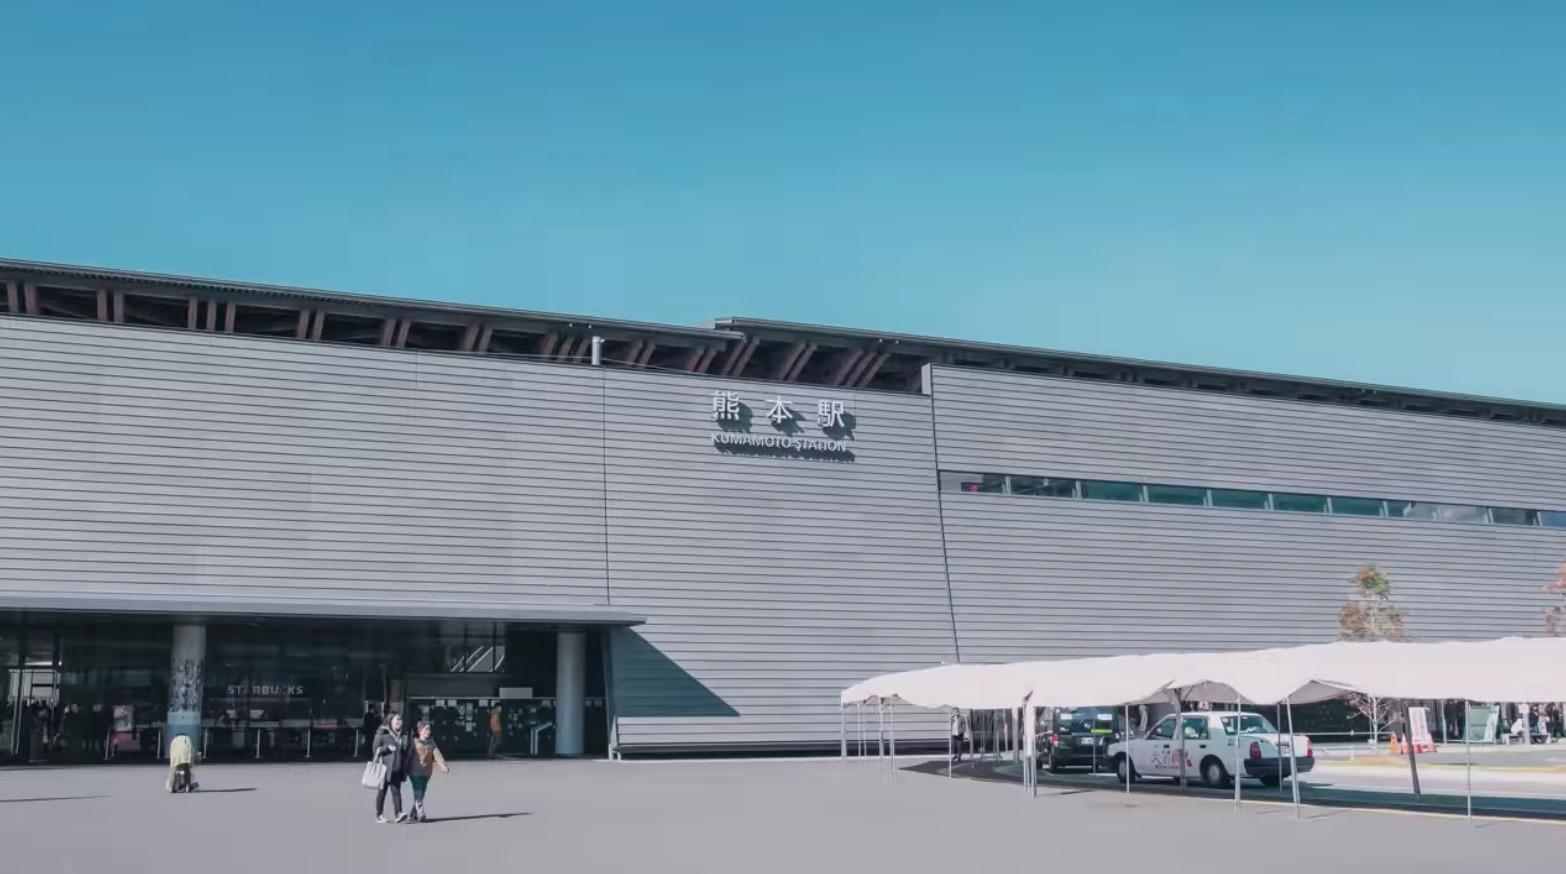 JR熊本駅に行ってきたよ。武者返しをイメージして造られた新駅舎を見に行ってみよー!!